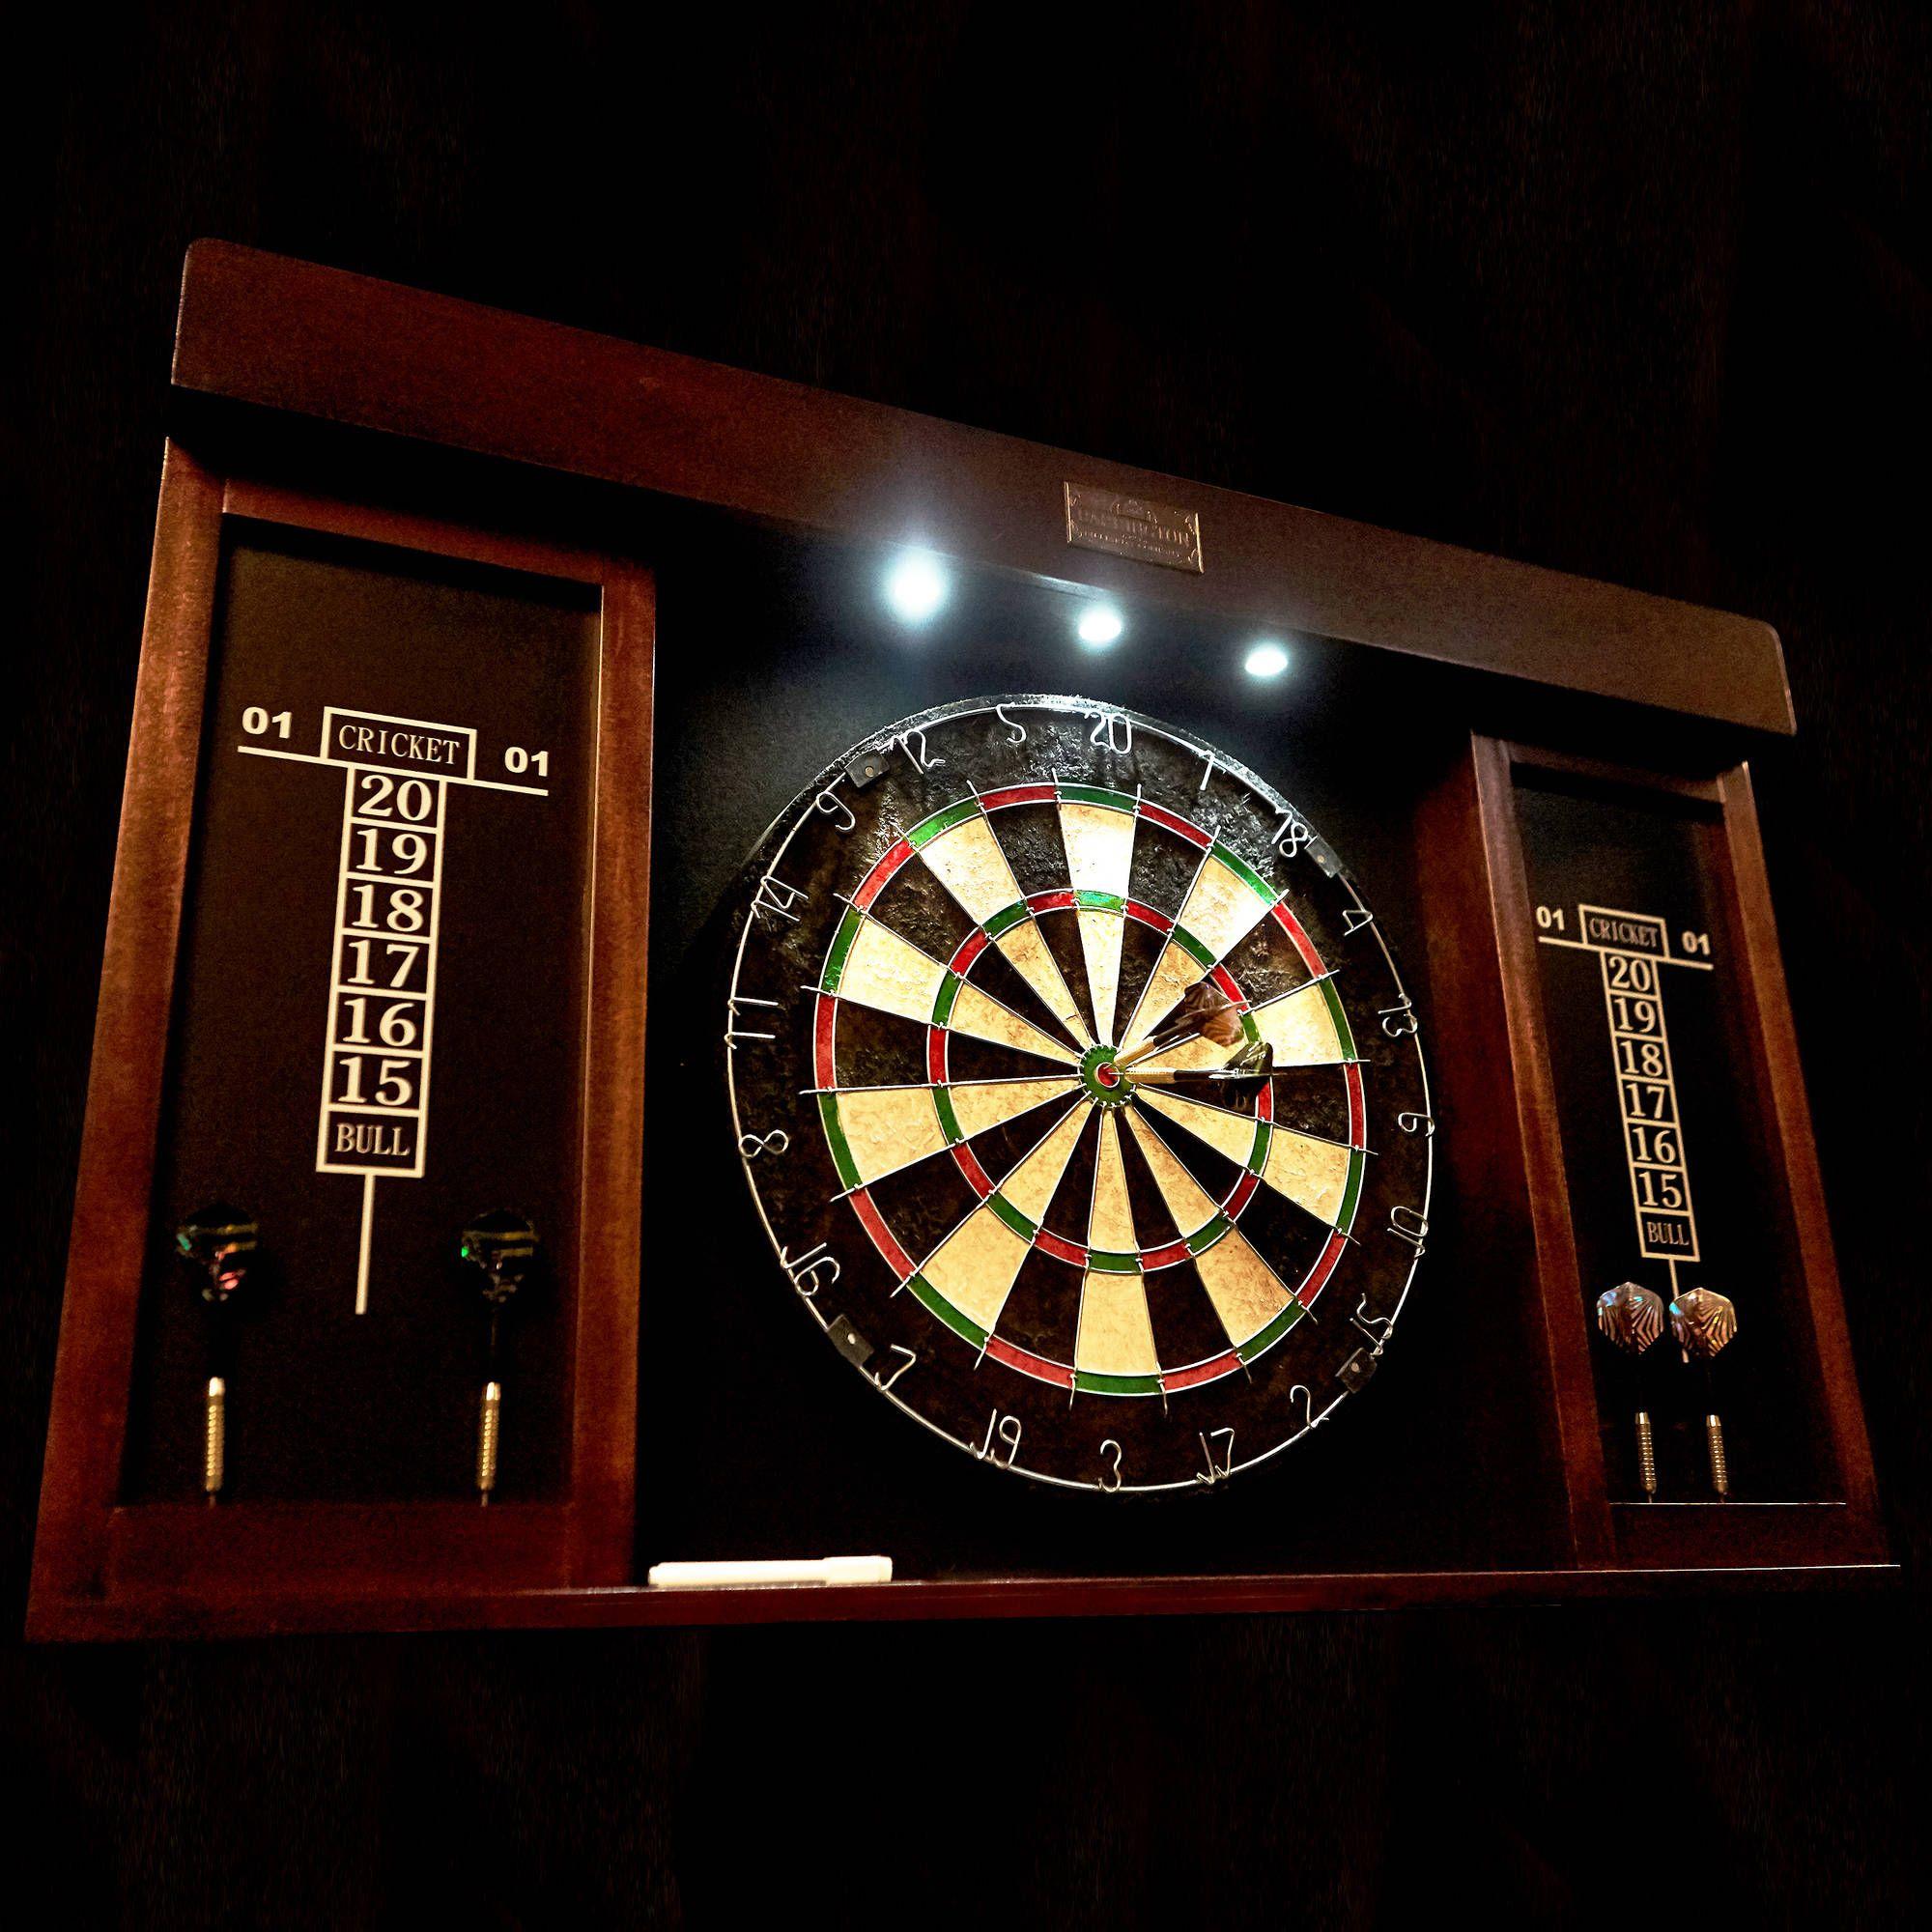 Dartboard Set 40 Wood Darts Cabinet 6 Tipped Dart Marker Eraser with Led Light